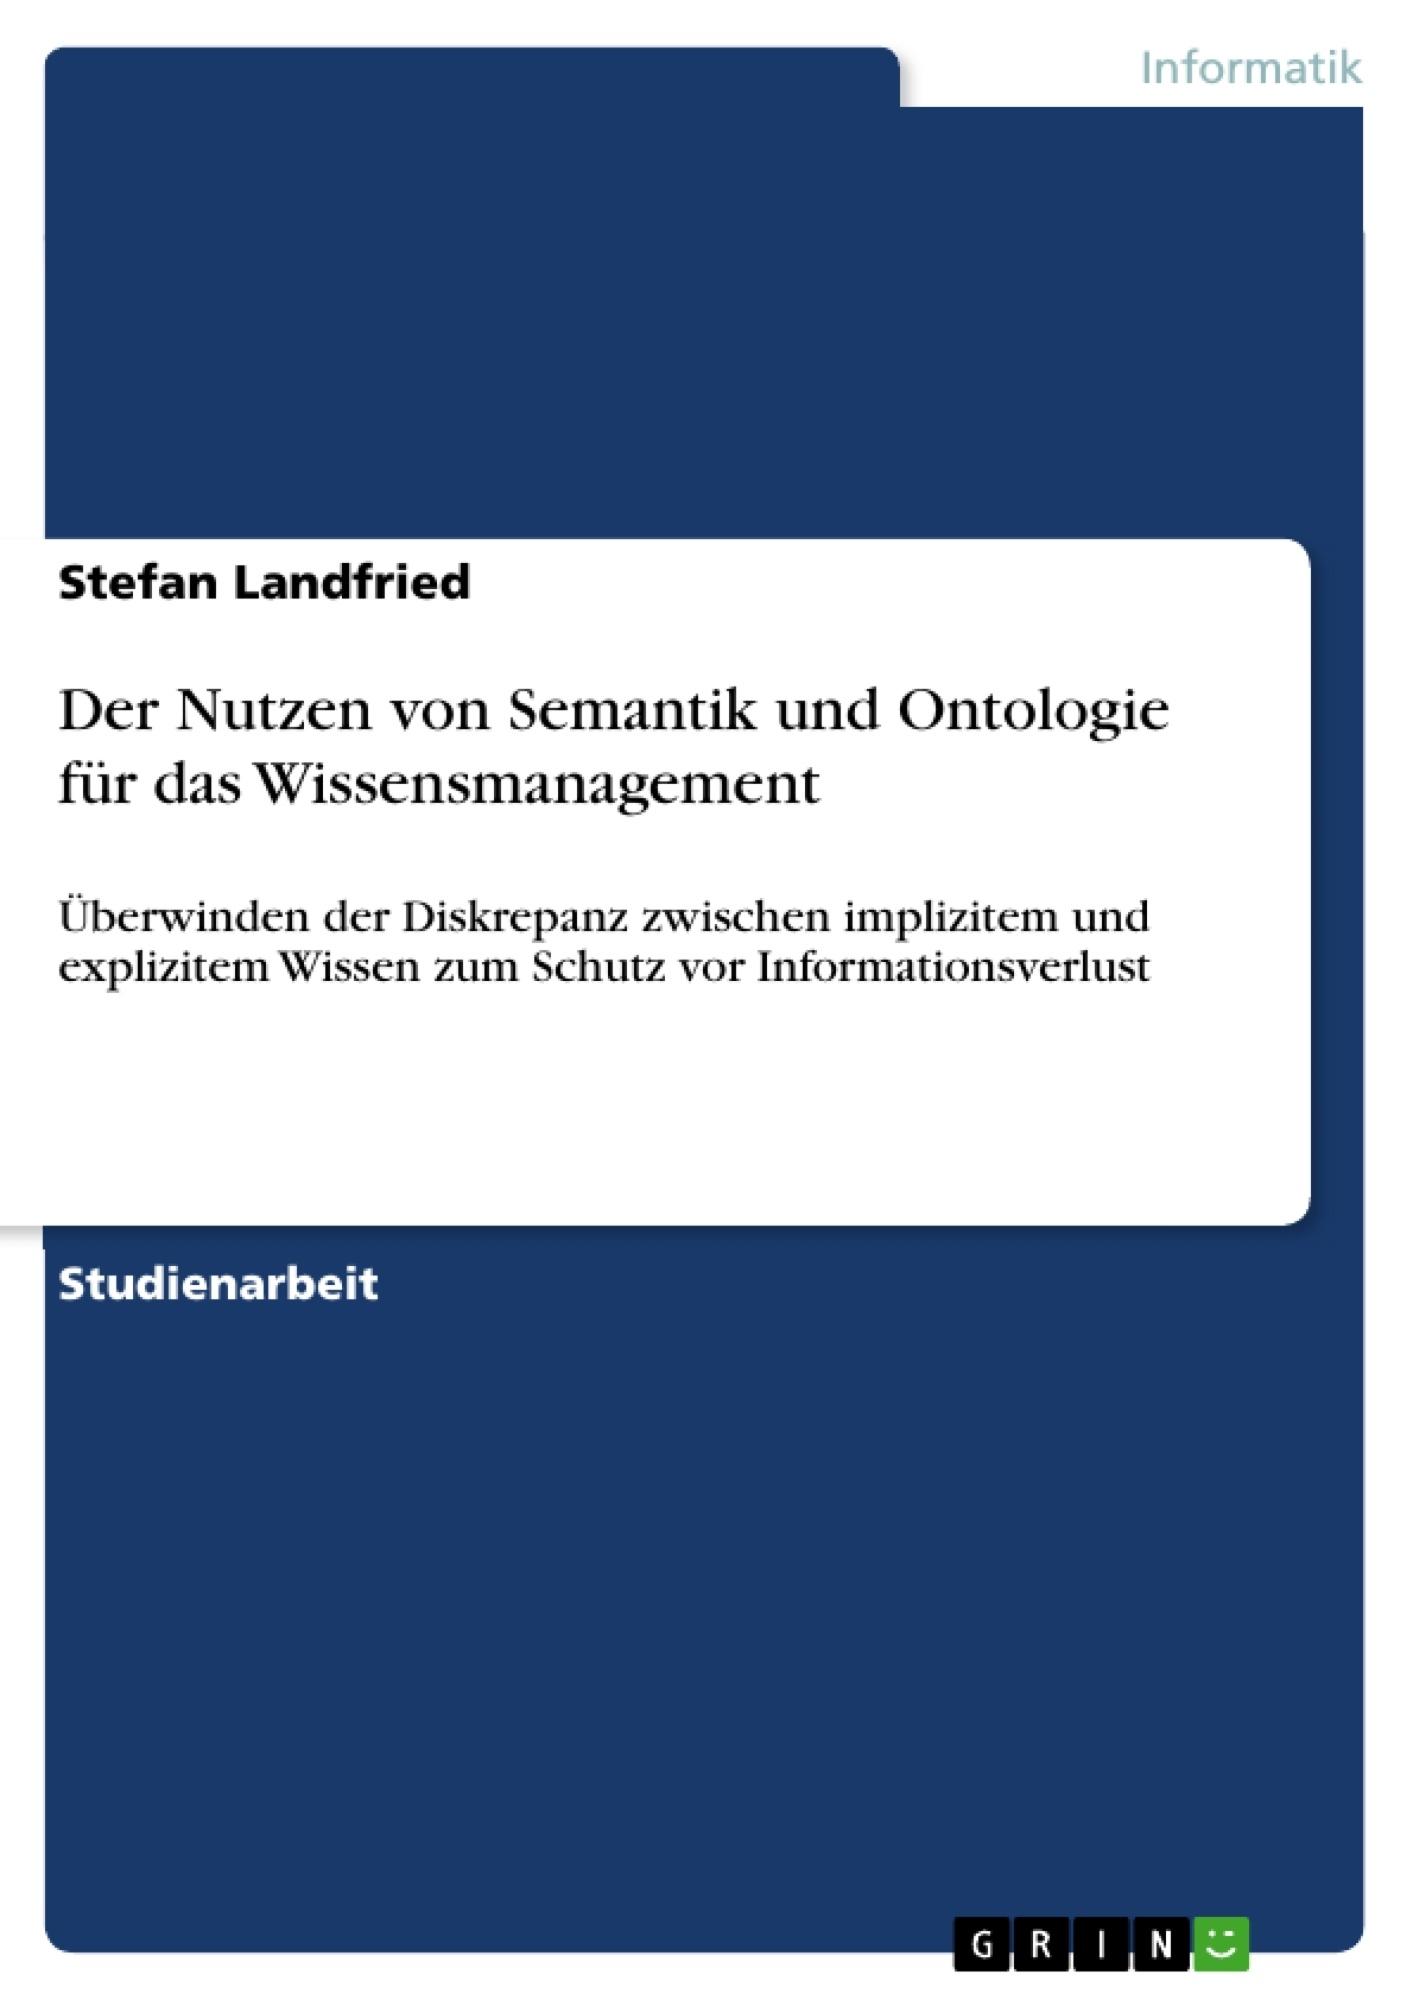 Titel: Der Nutzen von Semantik und Ontologie für das Wissensmanagement